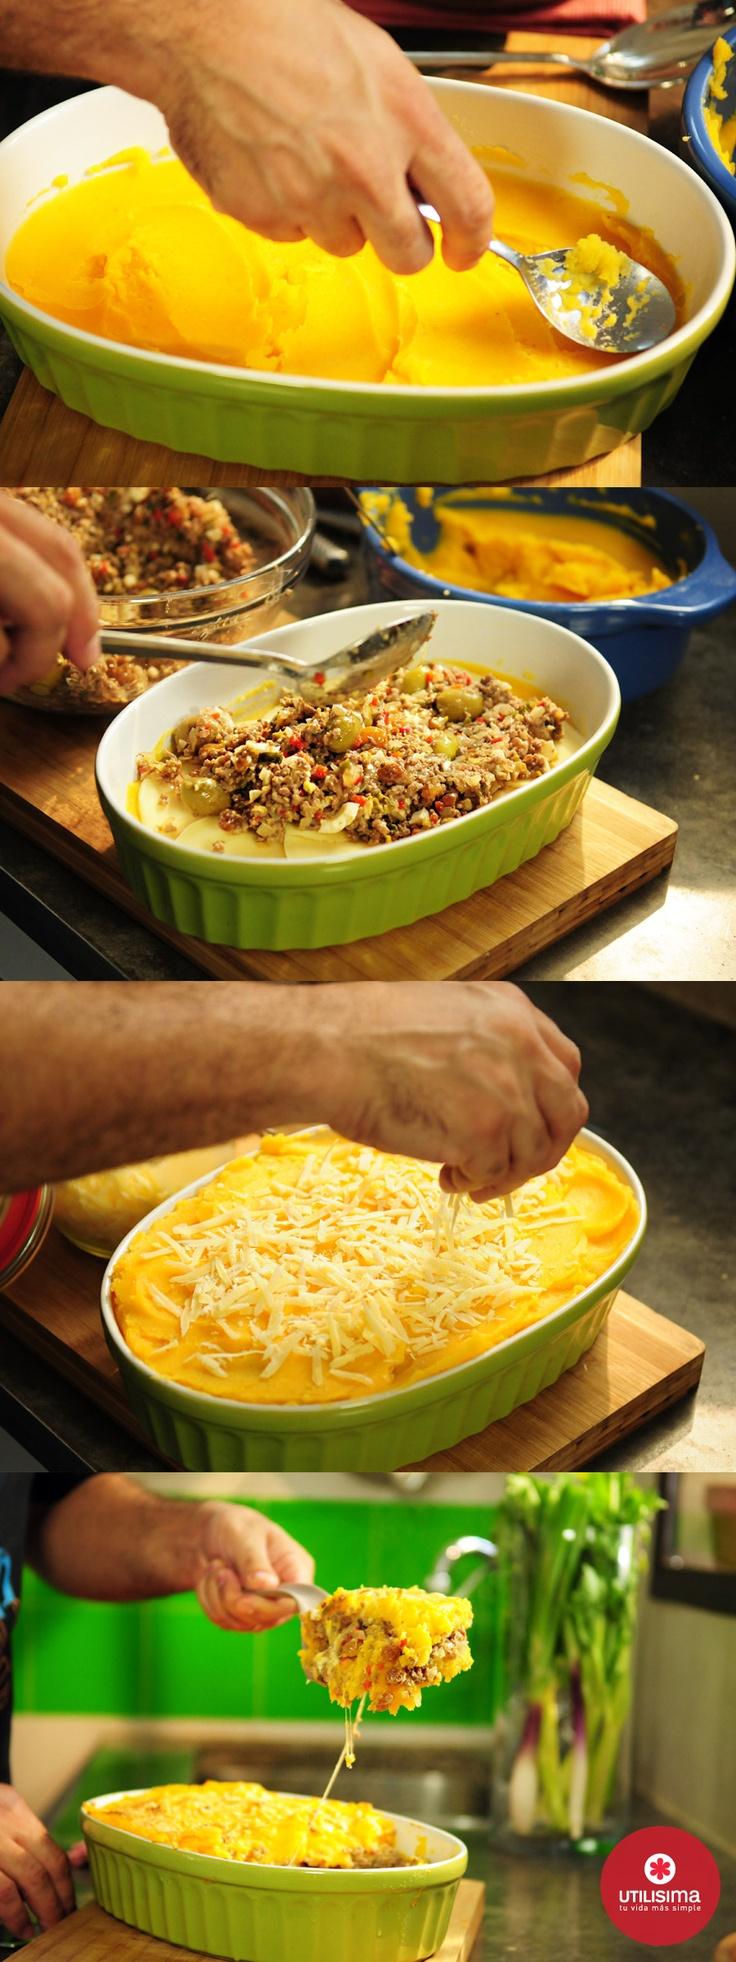 Pastel de papa y calabaza, por Santiago Giorgini. http://www.utilisima.com/recetas/11392-pastel-de-papa-y-calabaza.html